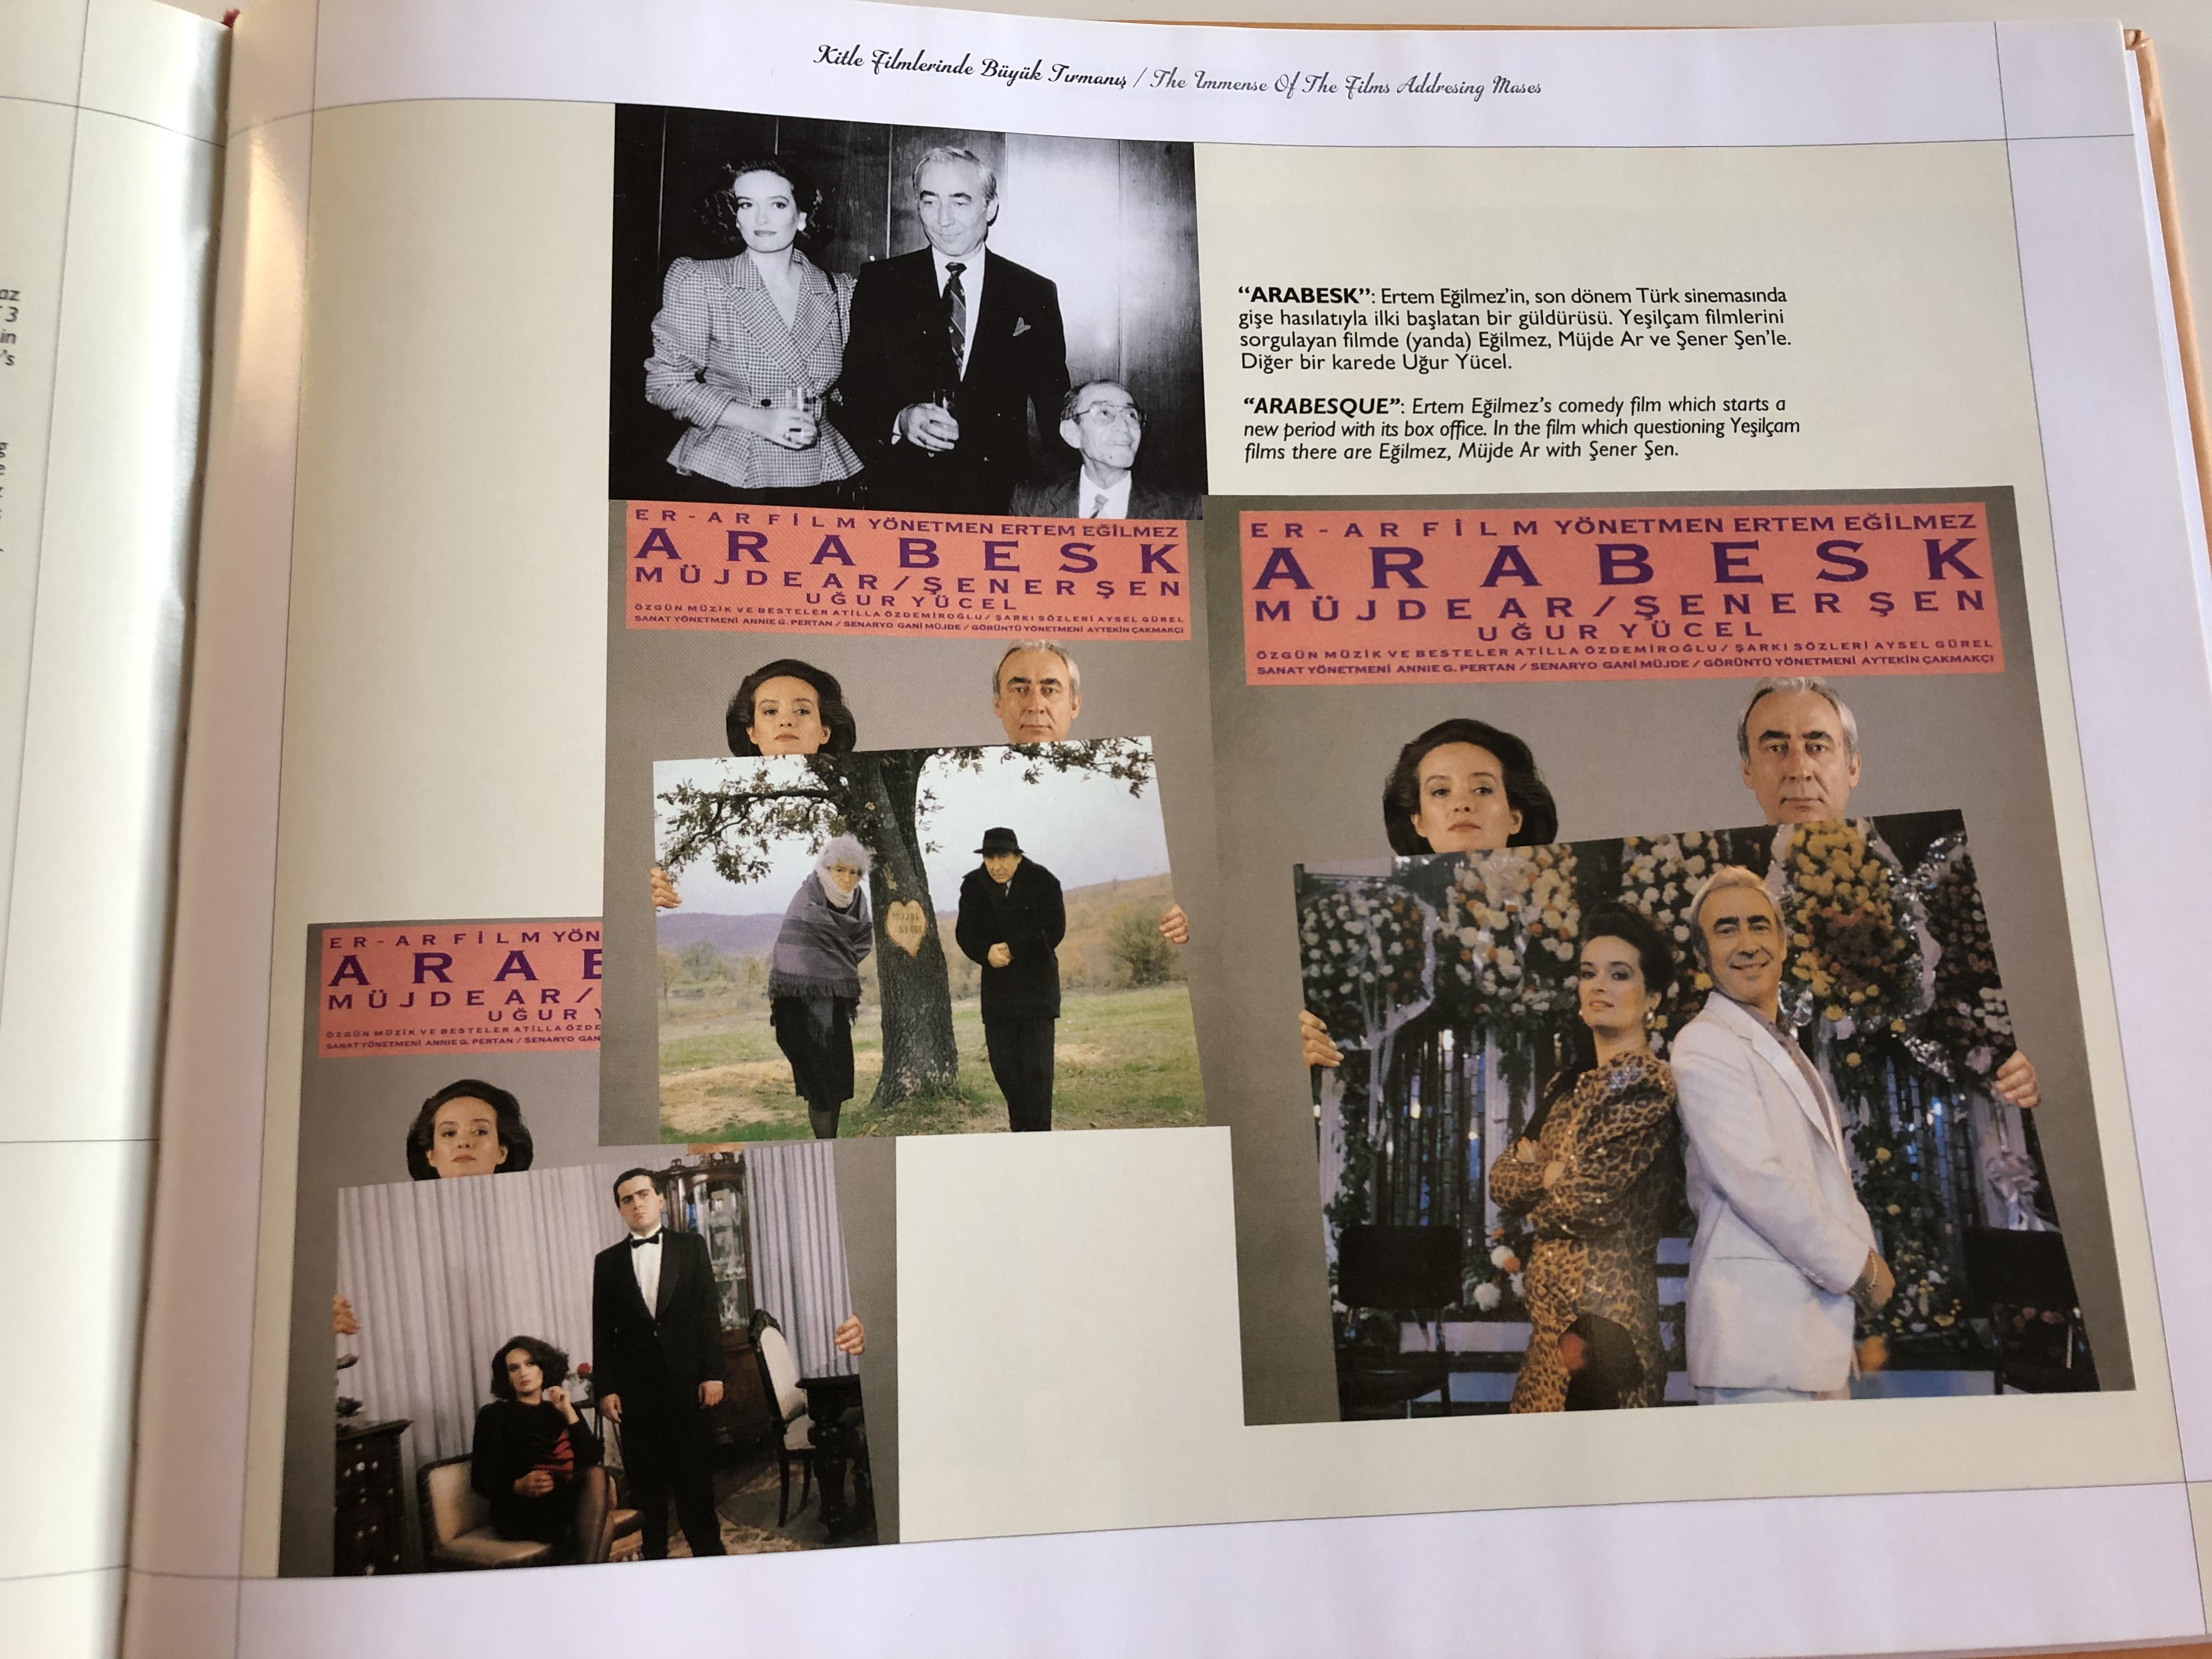 1000-karede-t-rk-sinemasi-by-agan-zg-c-turkish-cinema-in-1000-frames-21.jpg